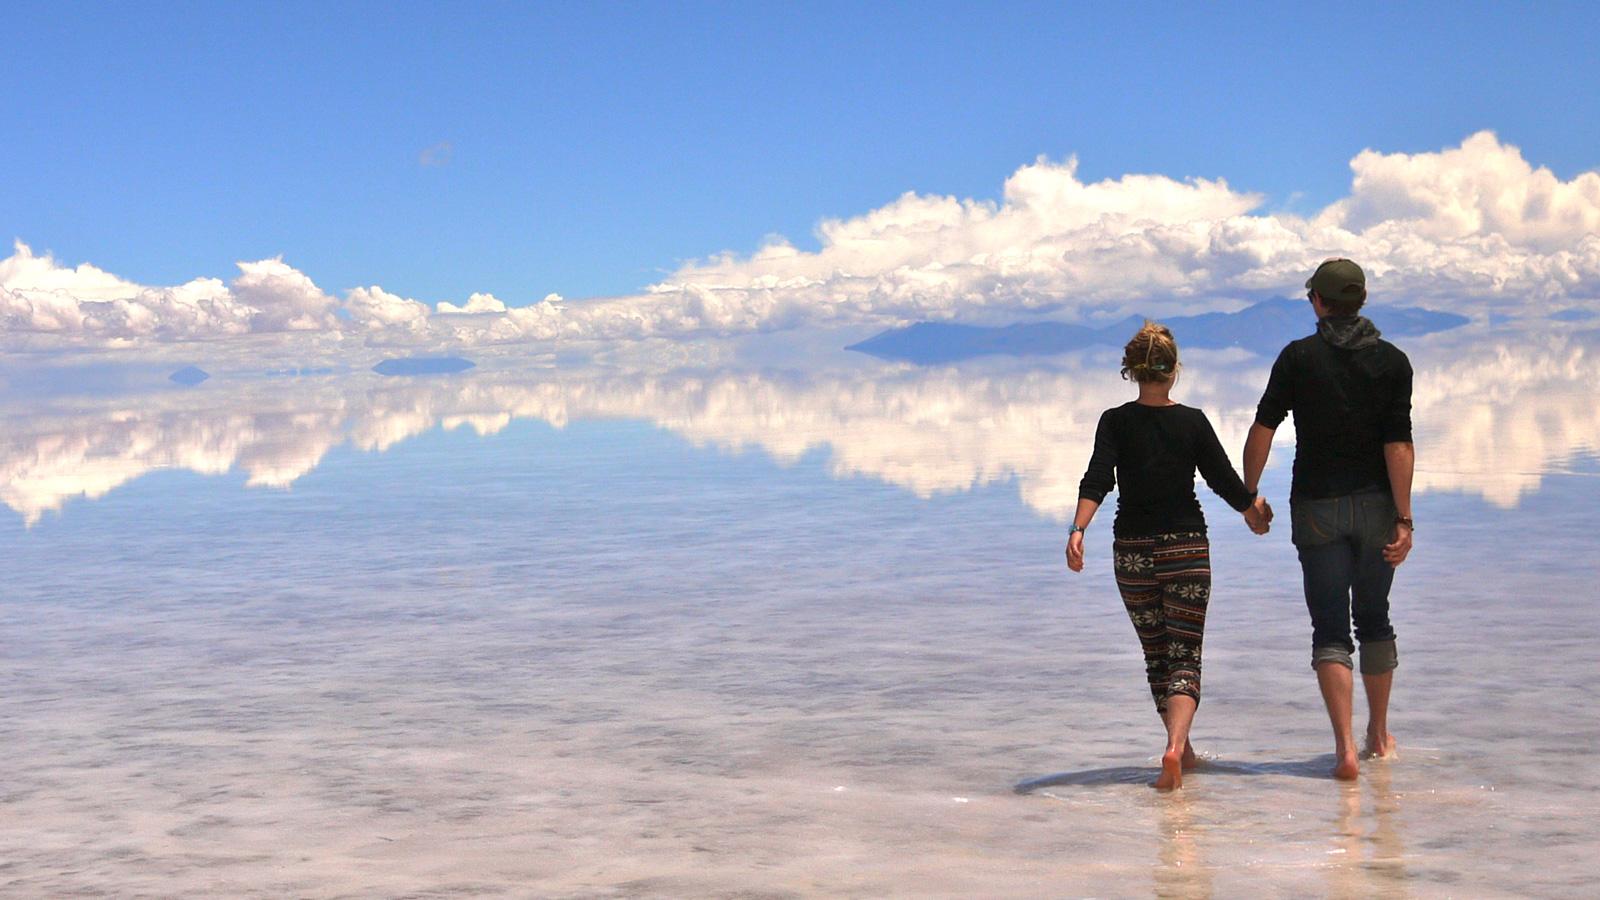 Abenteuerreise von La Paz nach Buenos Aires Gruppenreisen für junge Leute Urlaub traveljunkies